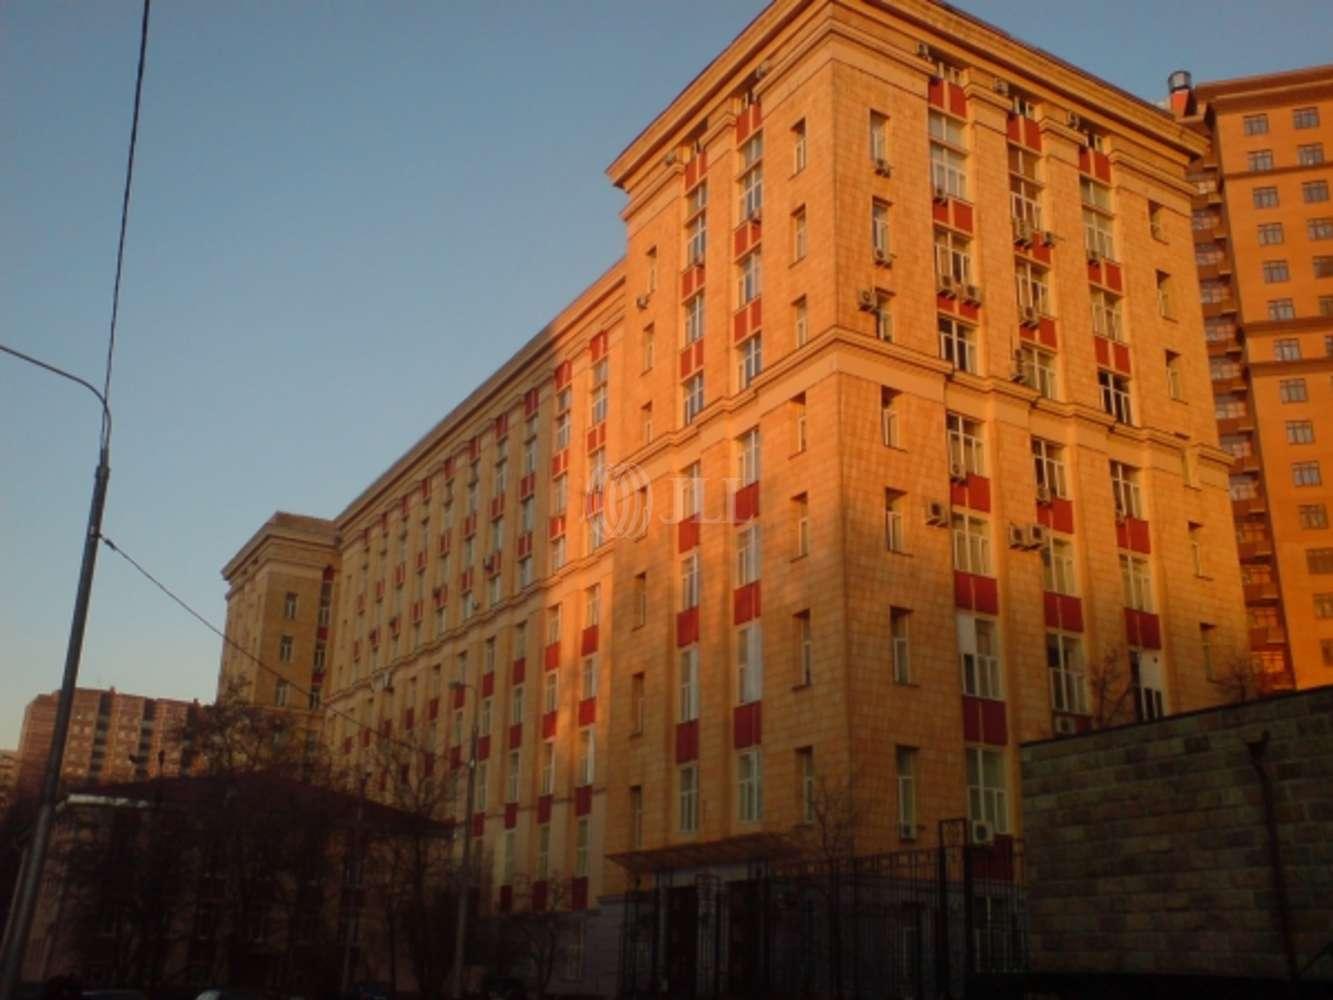 Офисная недвижимость Москва - Академика Туполева наб.  15 корп. 29